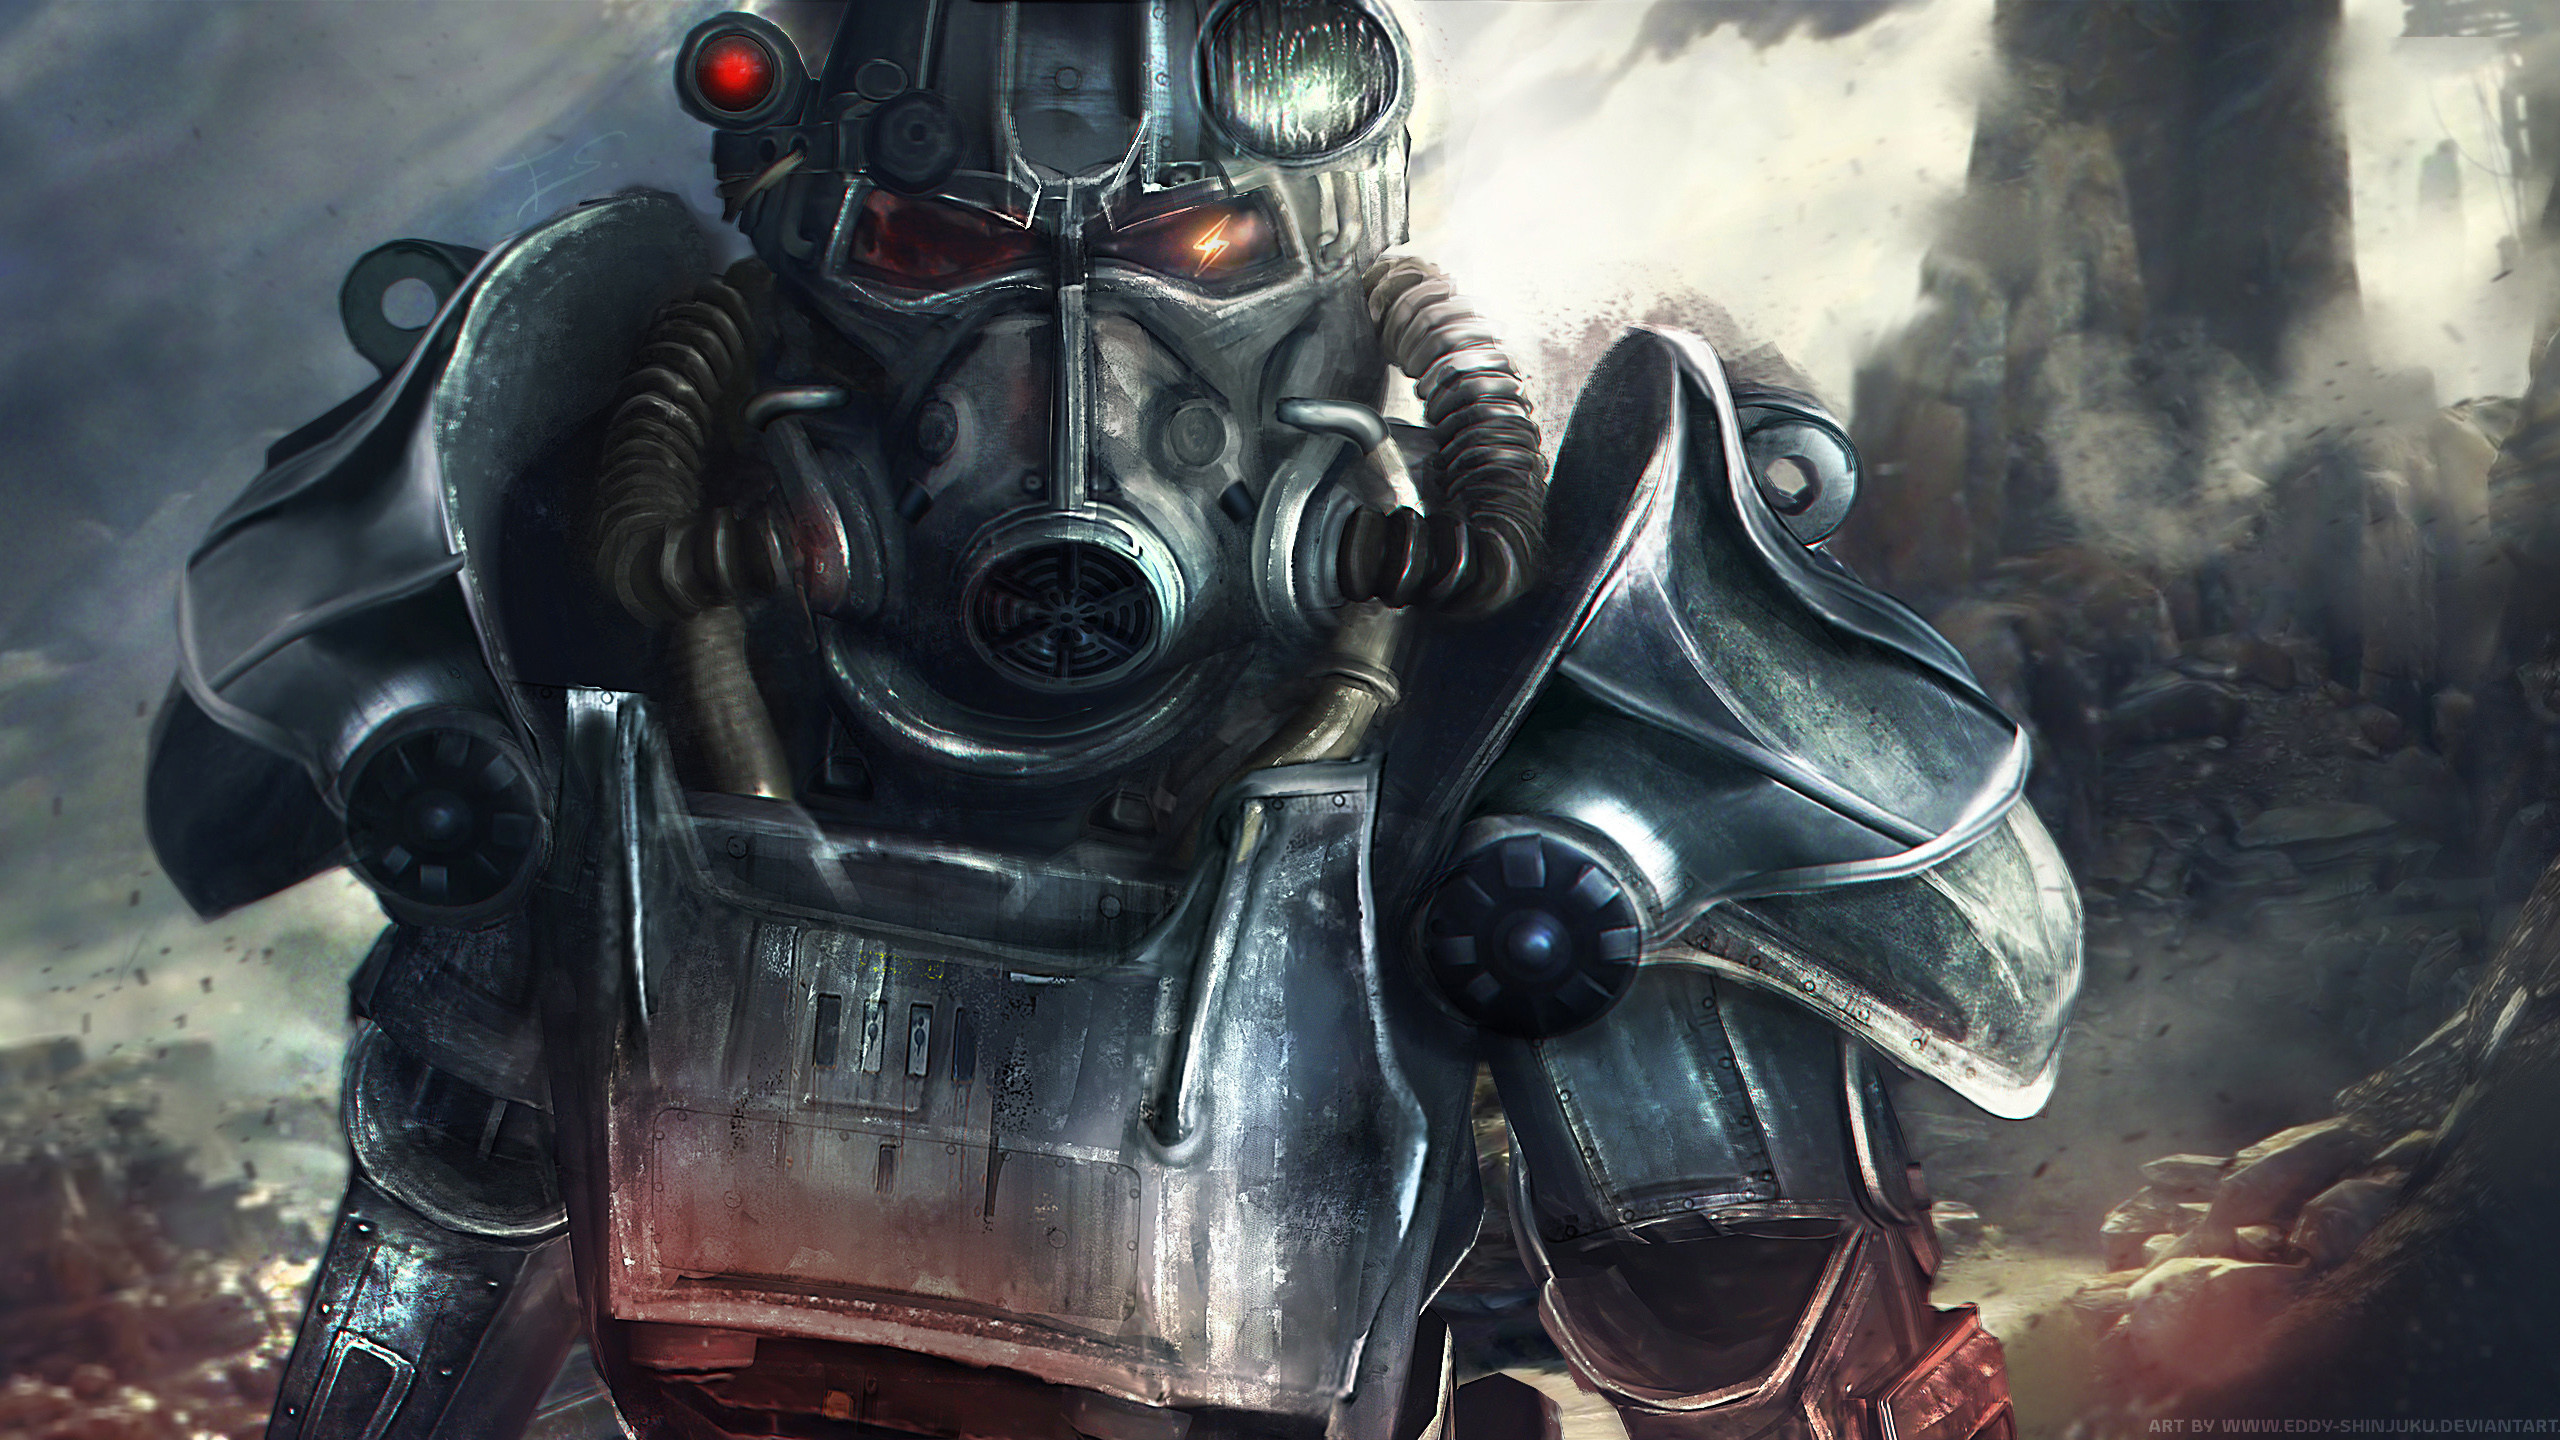 Fallout 4 NCR Ranger